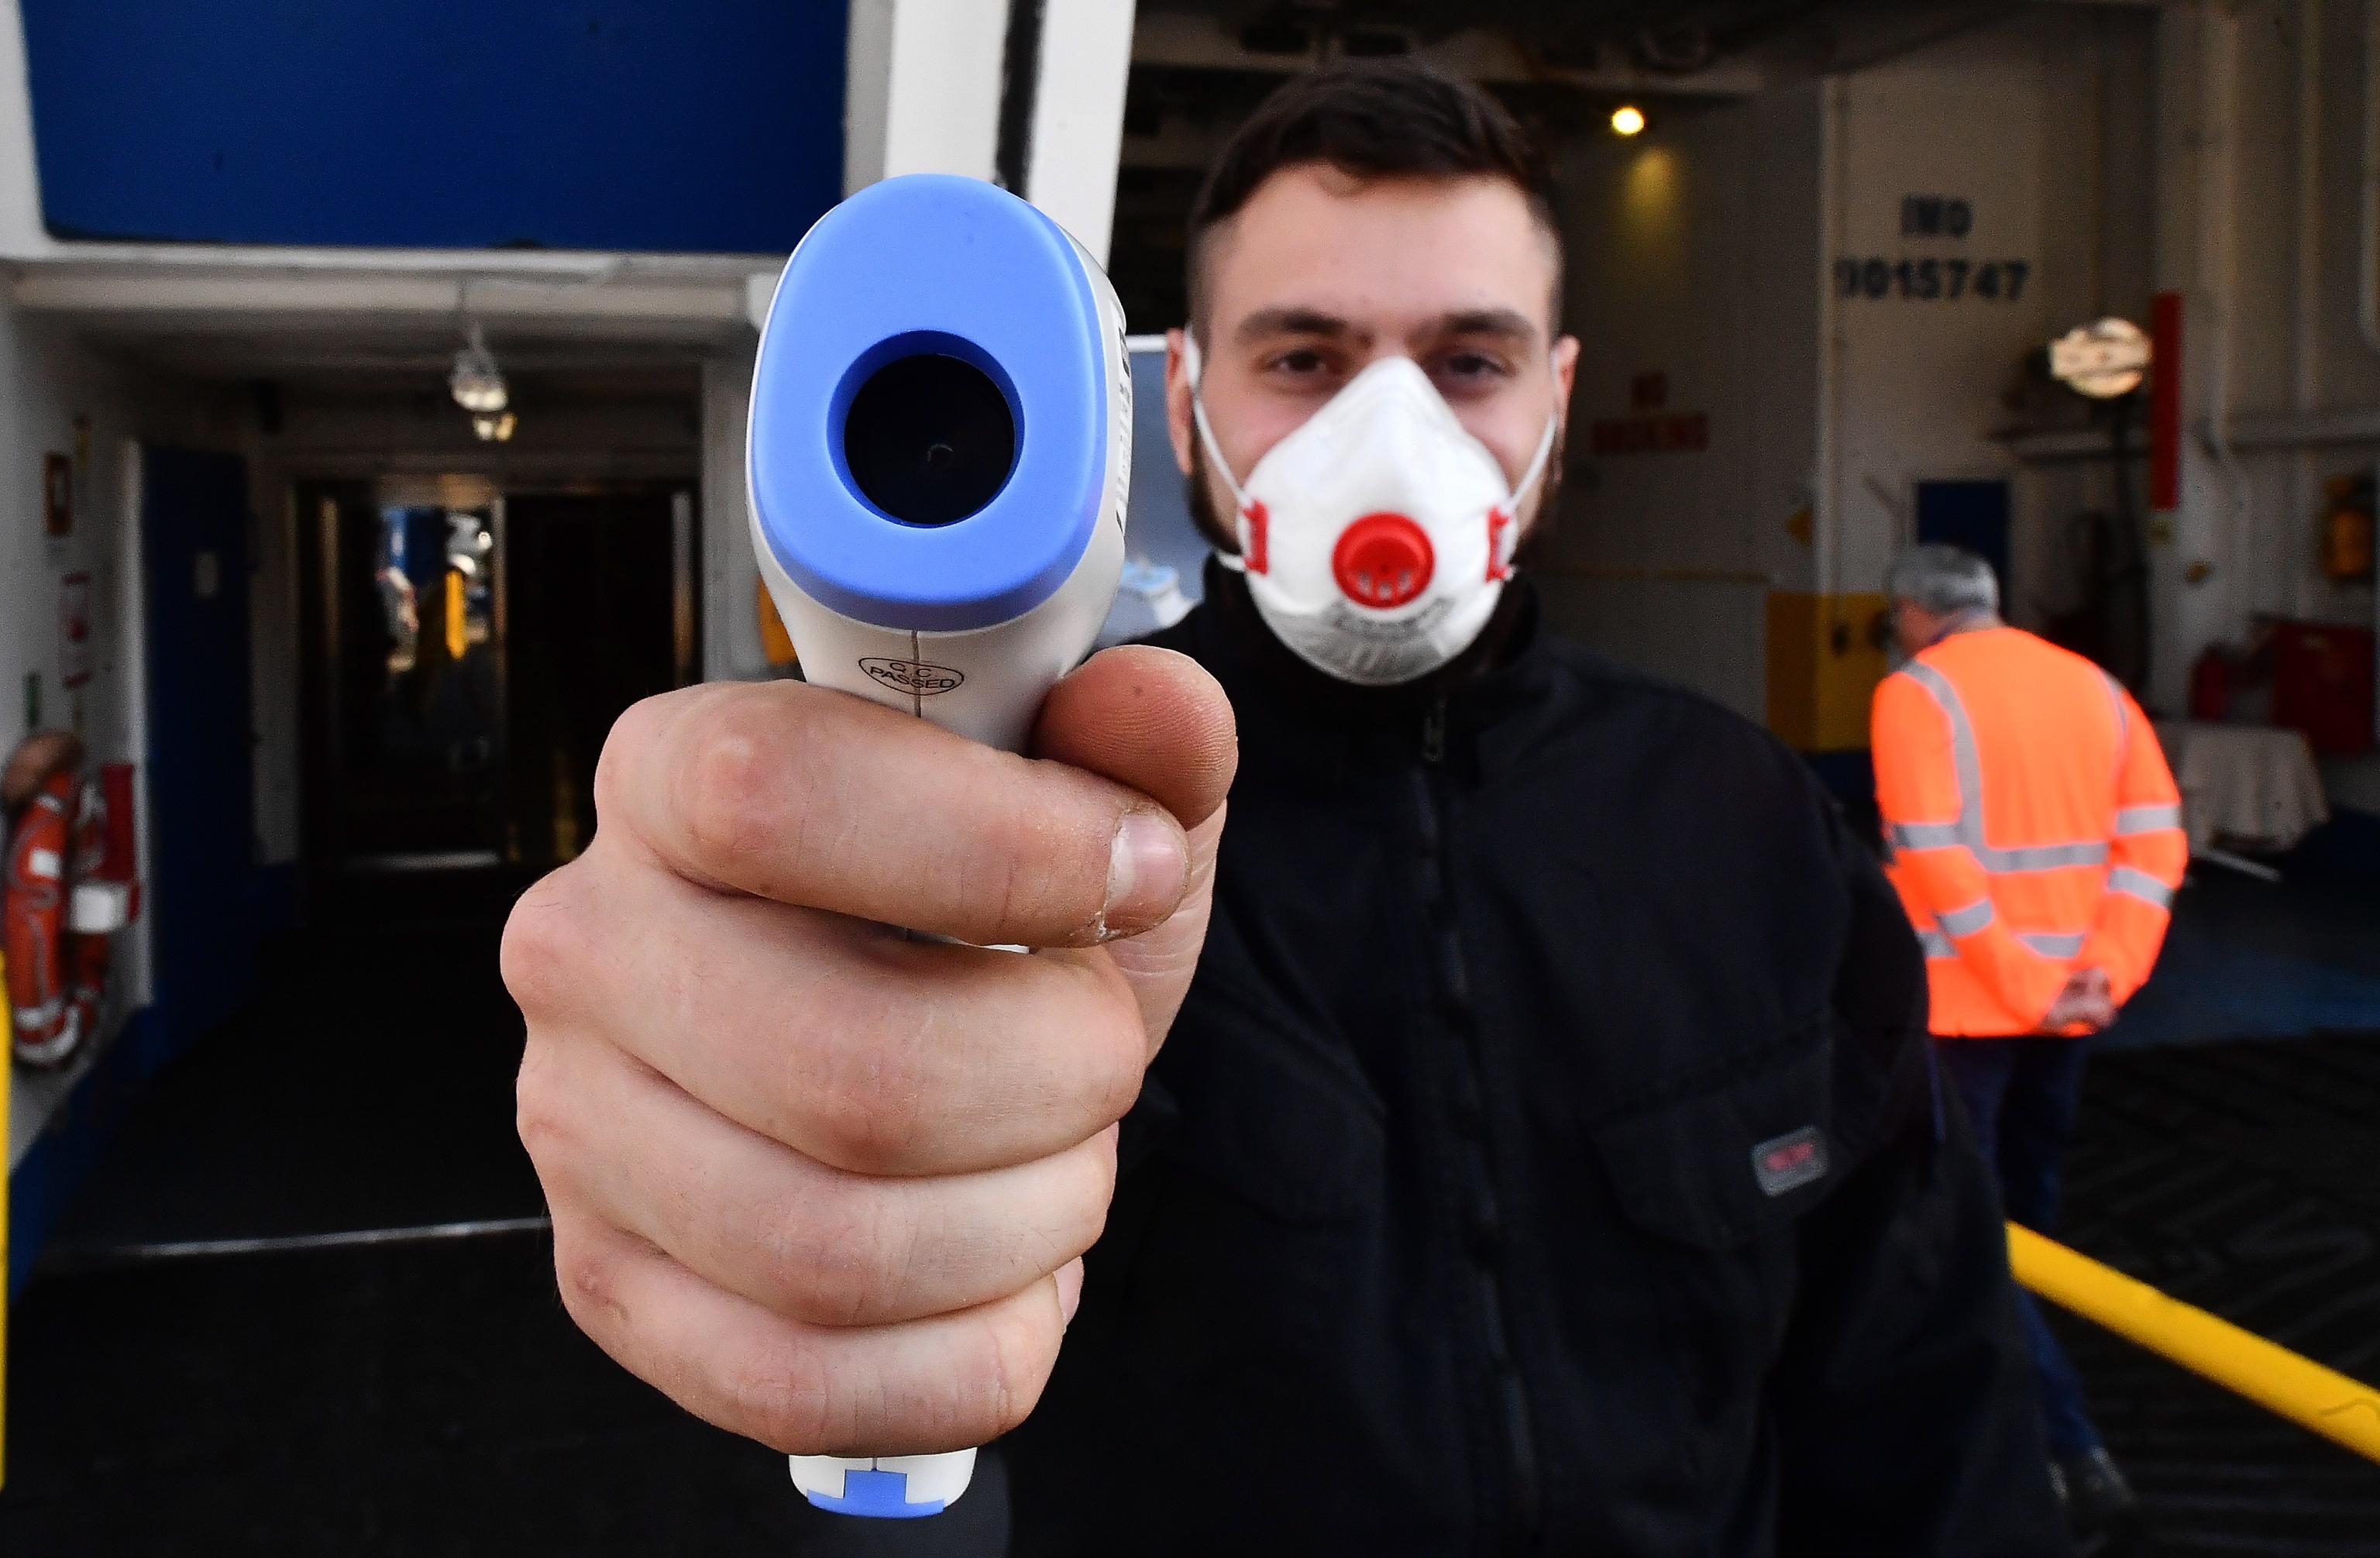 義大利成為中國以外疫情最嚴重國家,圖為義大利檢測人員在熱那亞一家醫院門口檢測體溫。(歐新社)